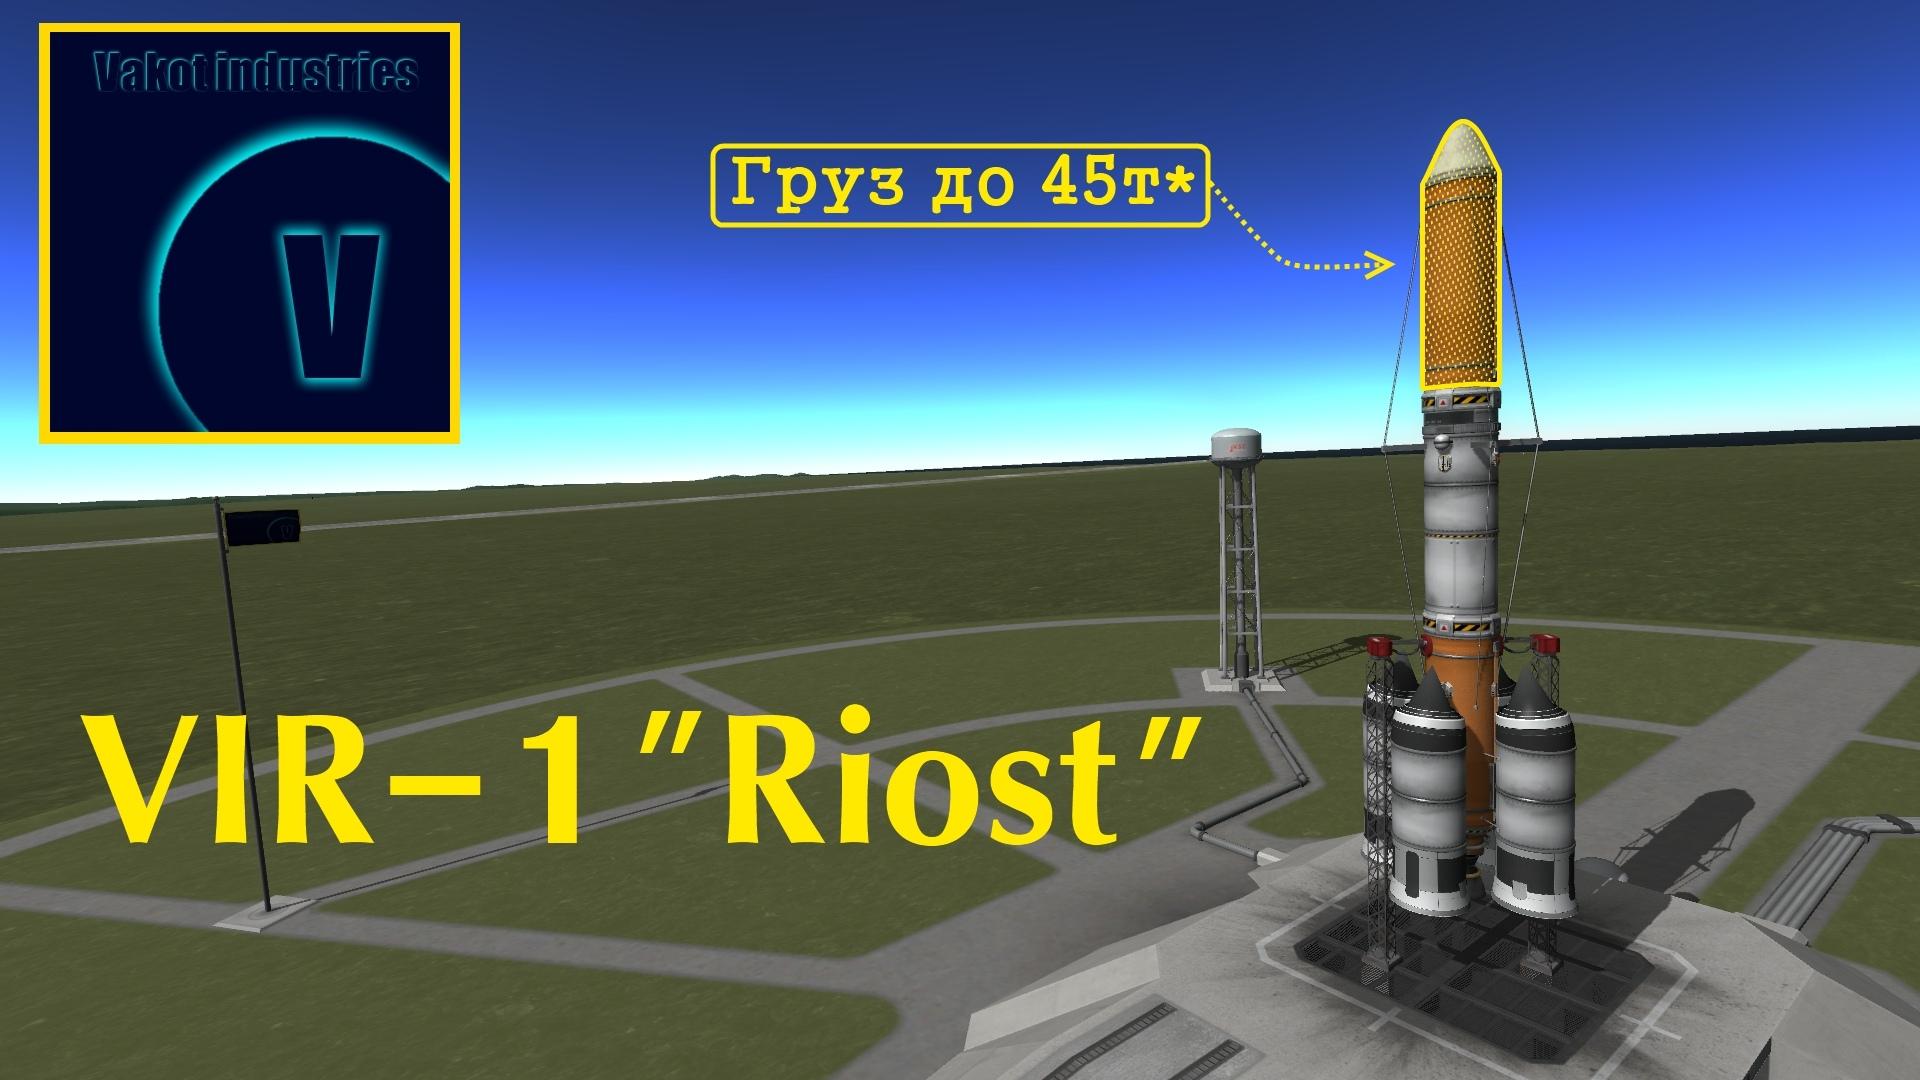 """VIR-1 """"Riost"""""""